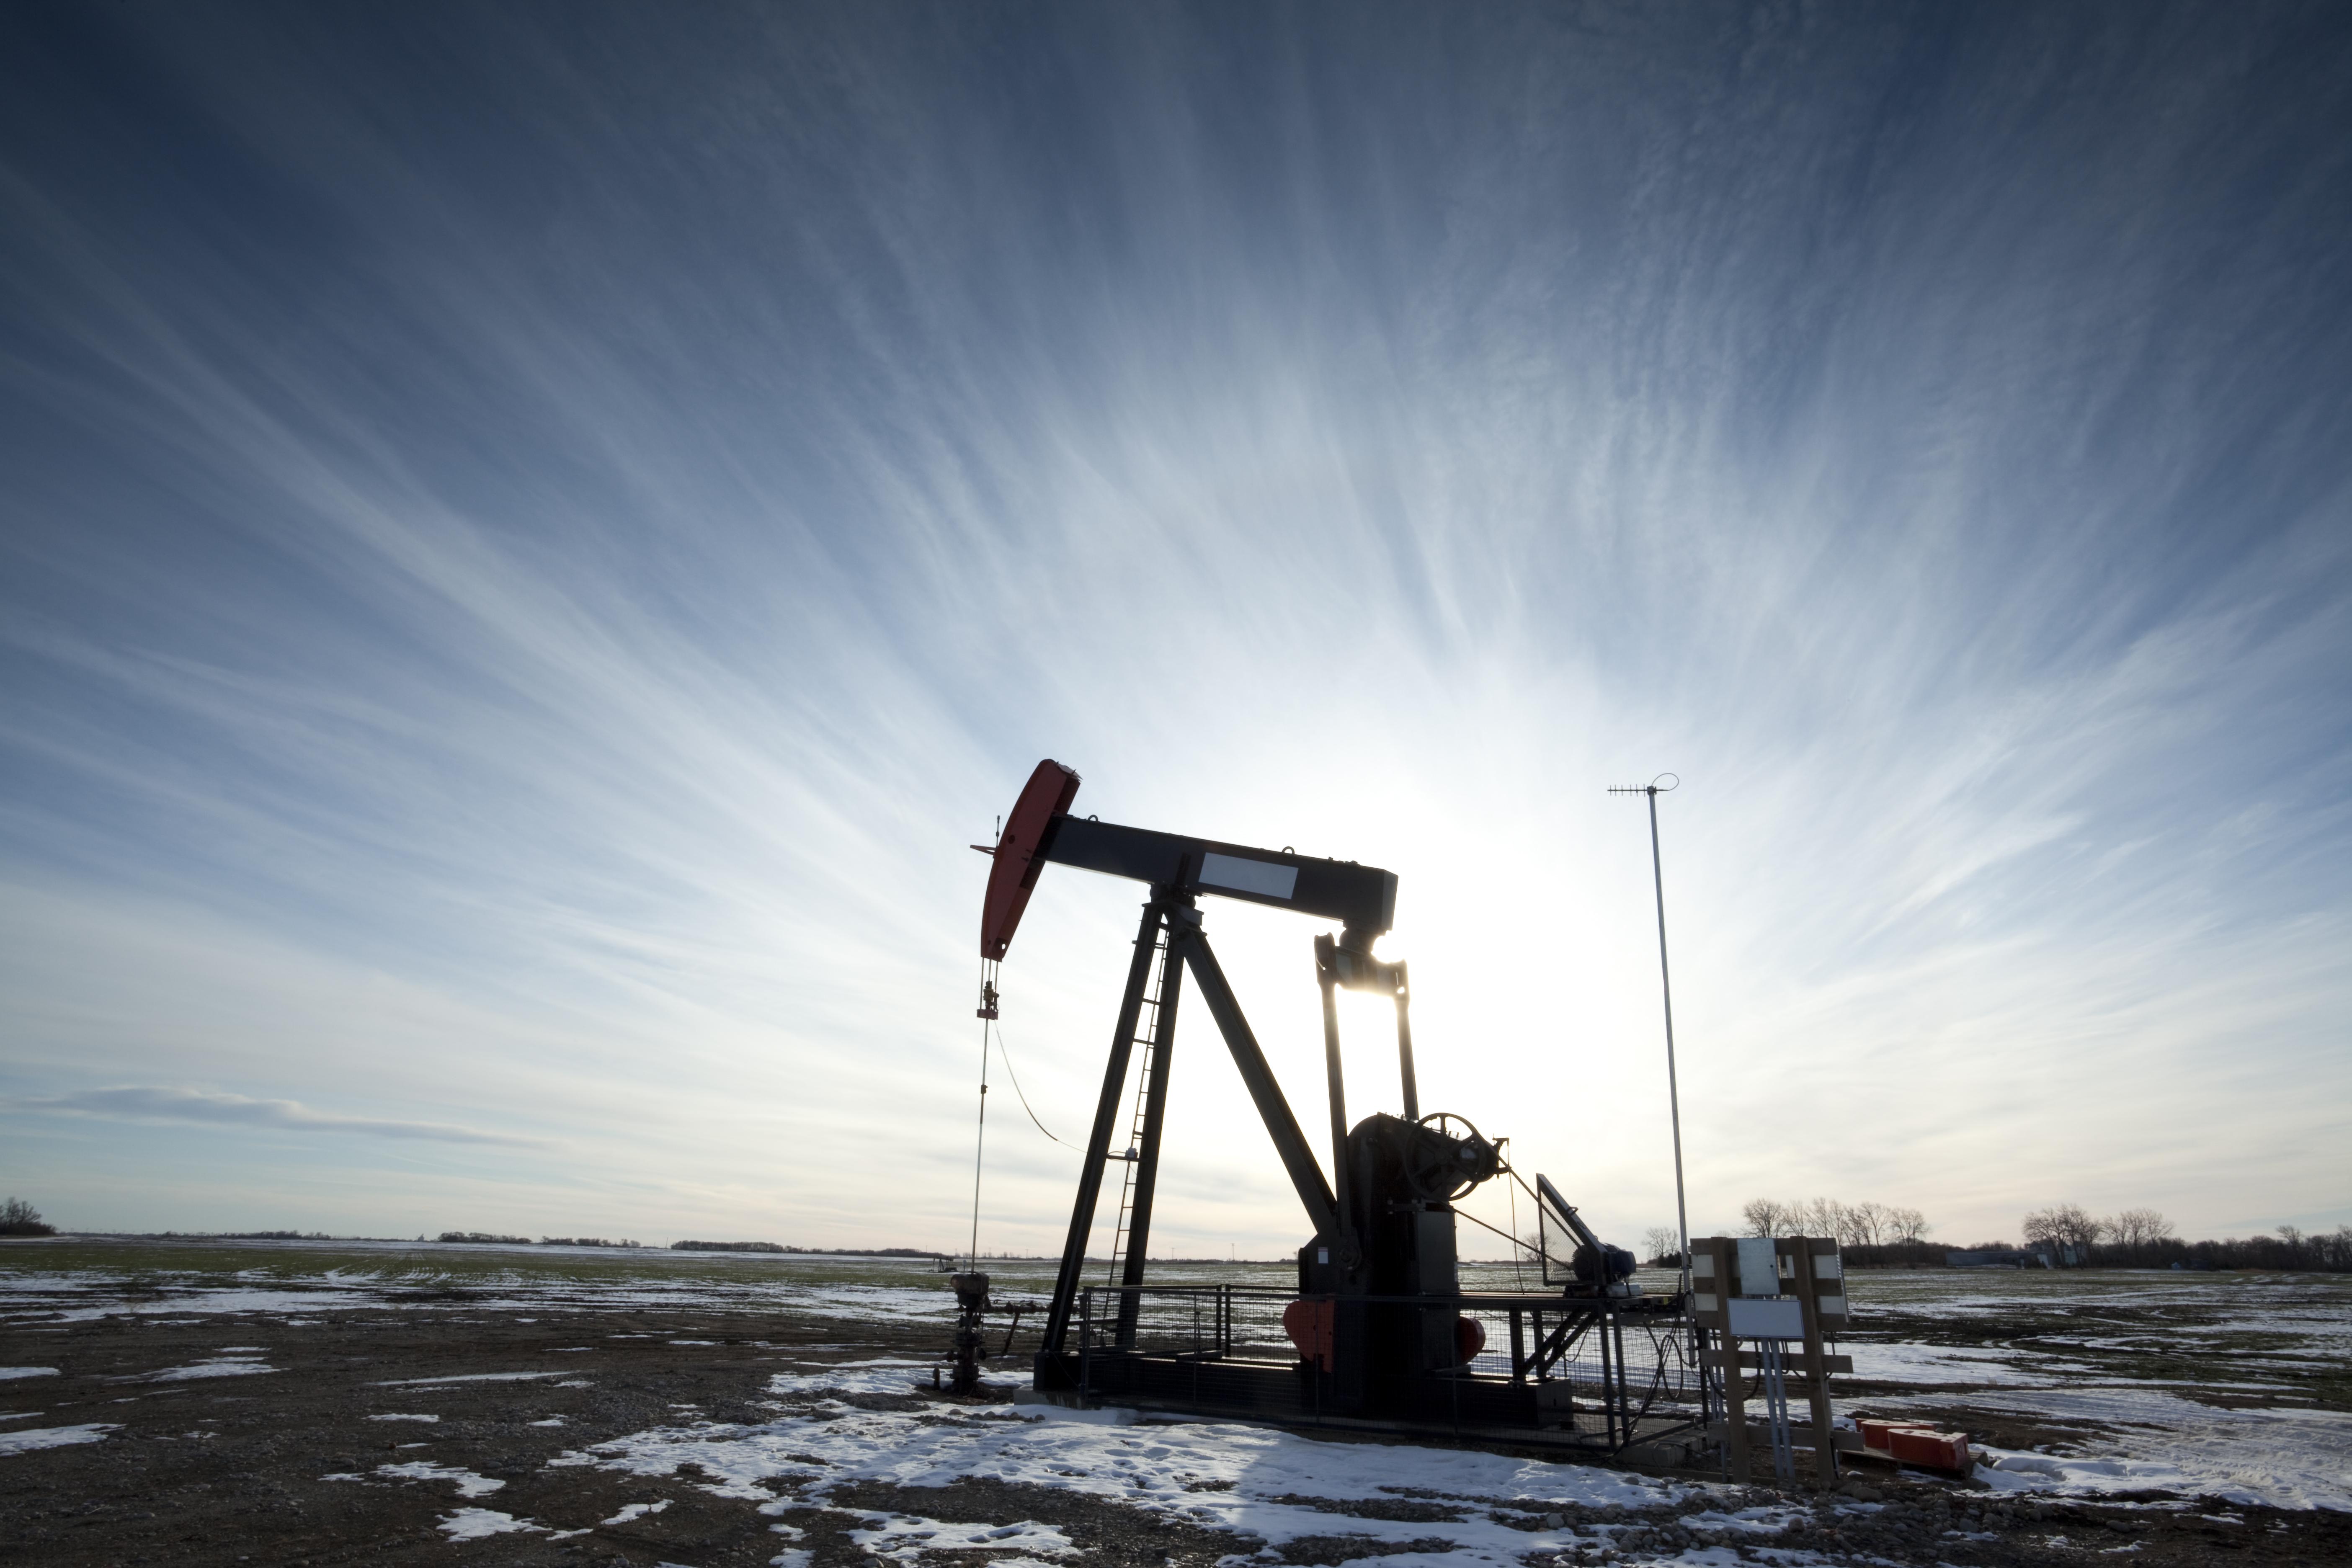 75美元后,多头又鼓吹100美元,布兰特原油飙升的背后是什么?